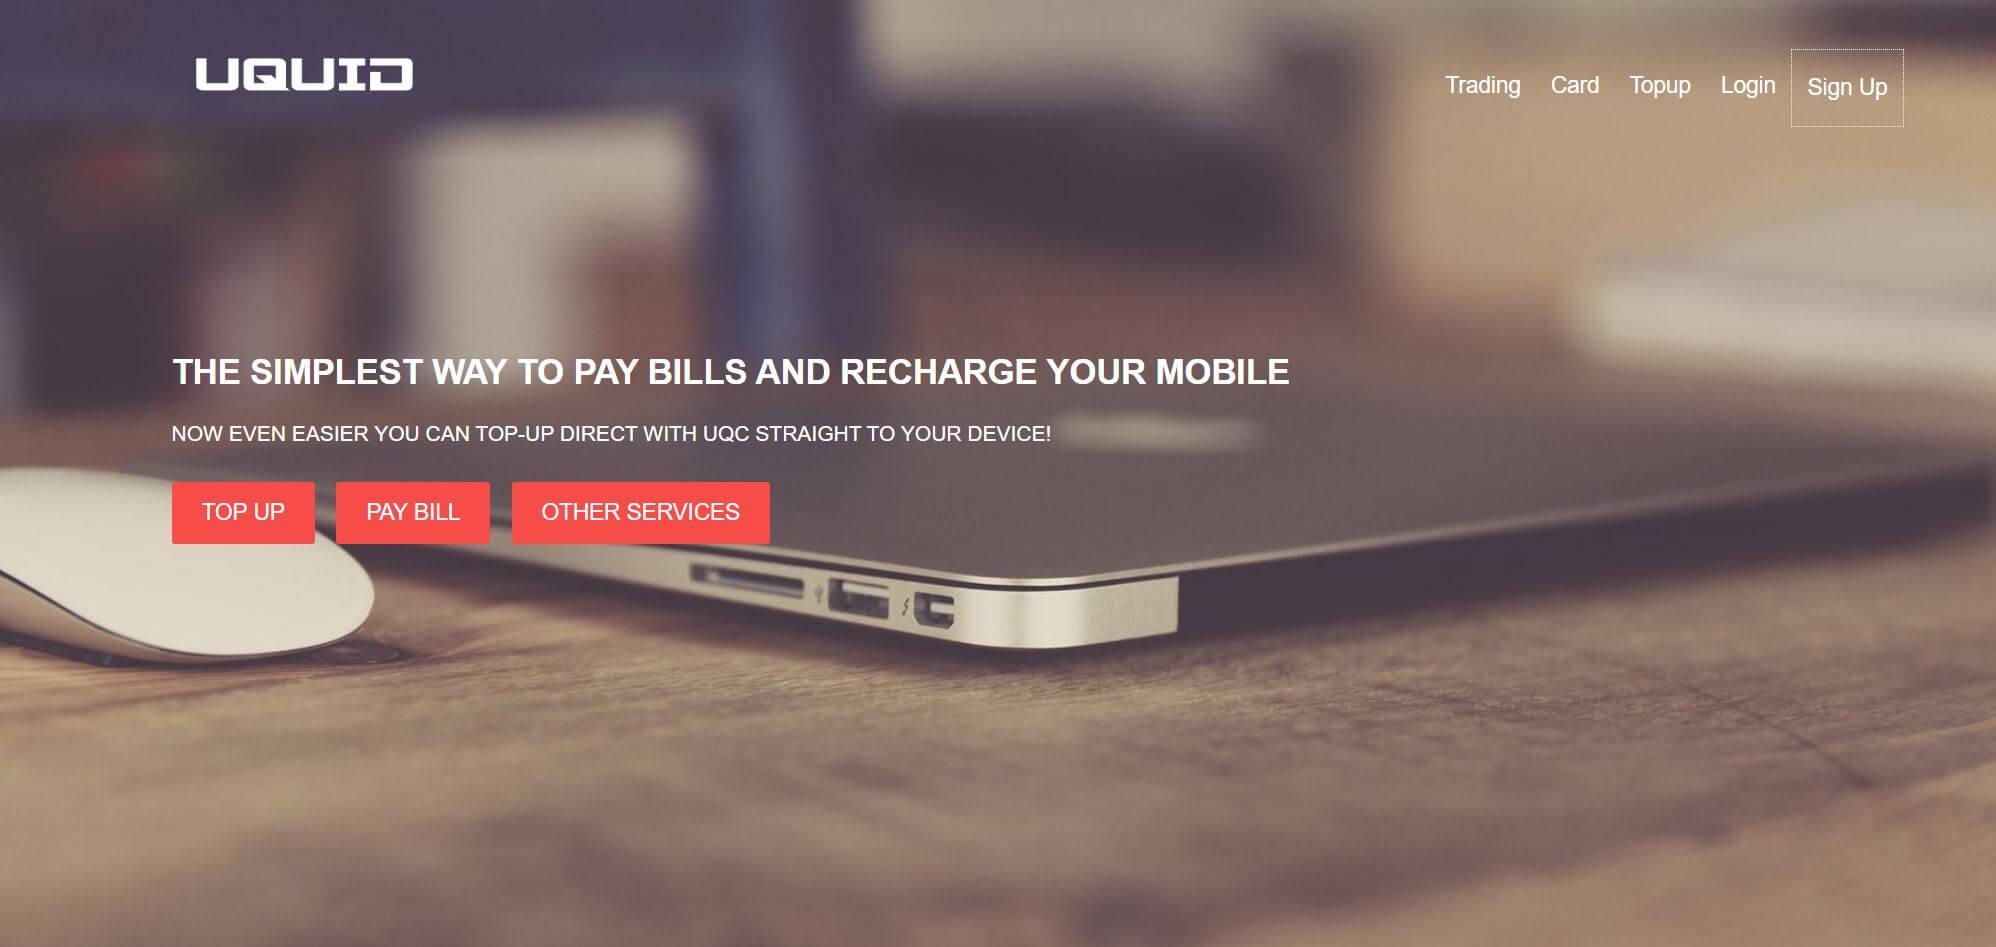 Uquid Prepaid Card Startseite